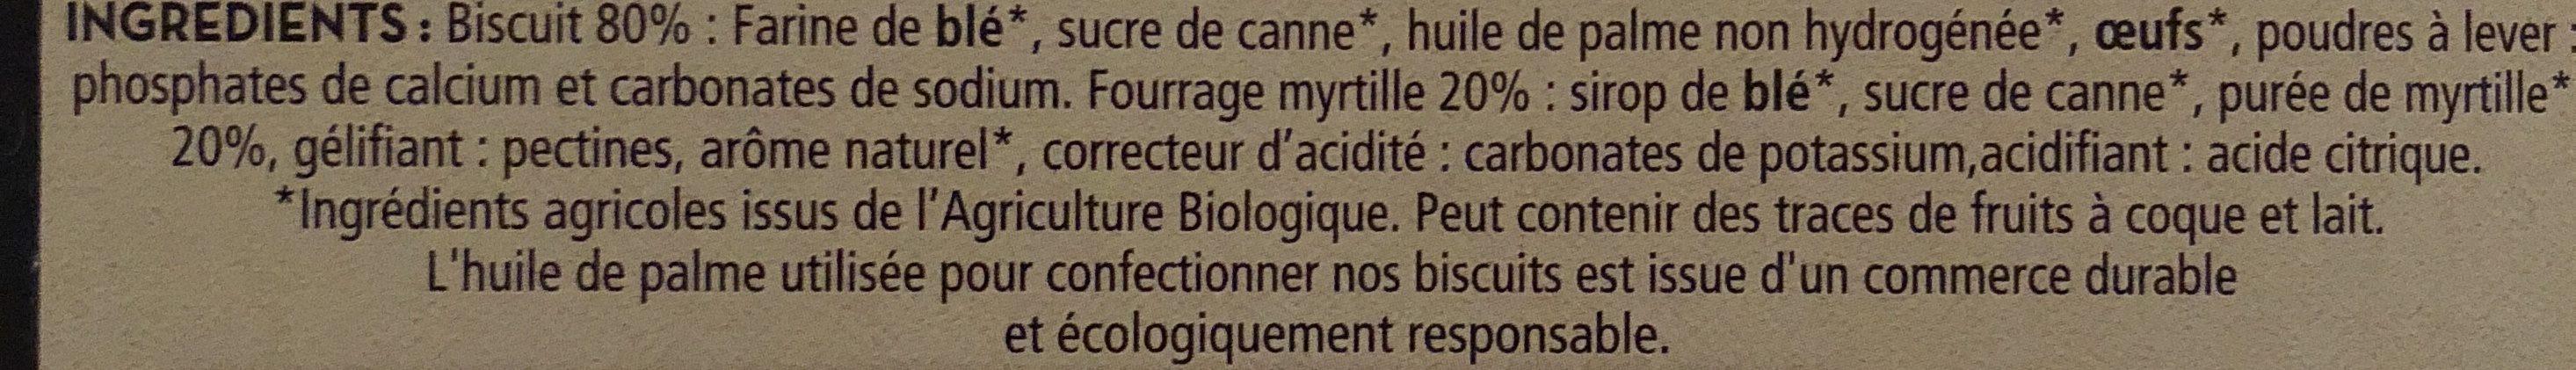 Lunettes à la Myrtille - Ingrédients - fr